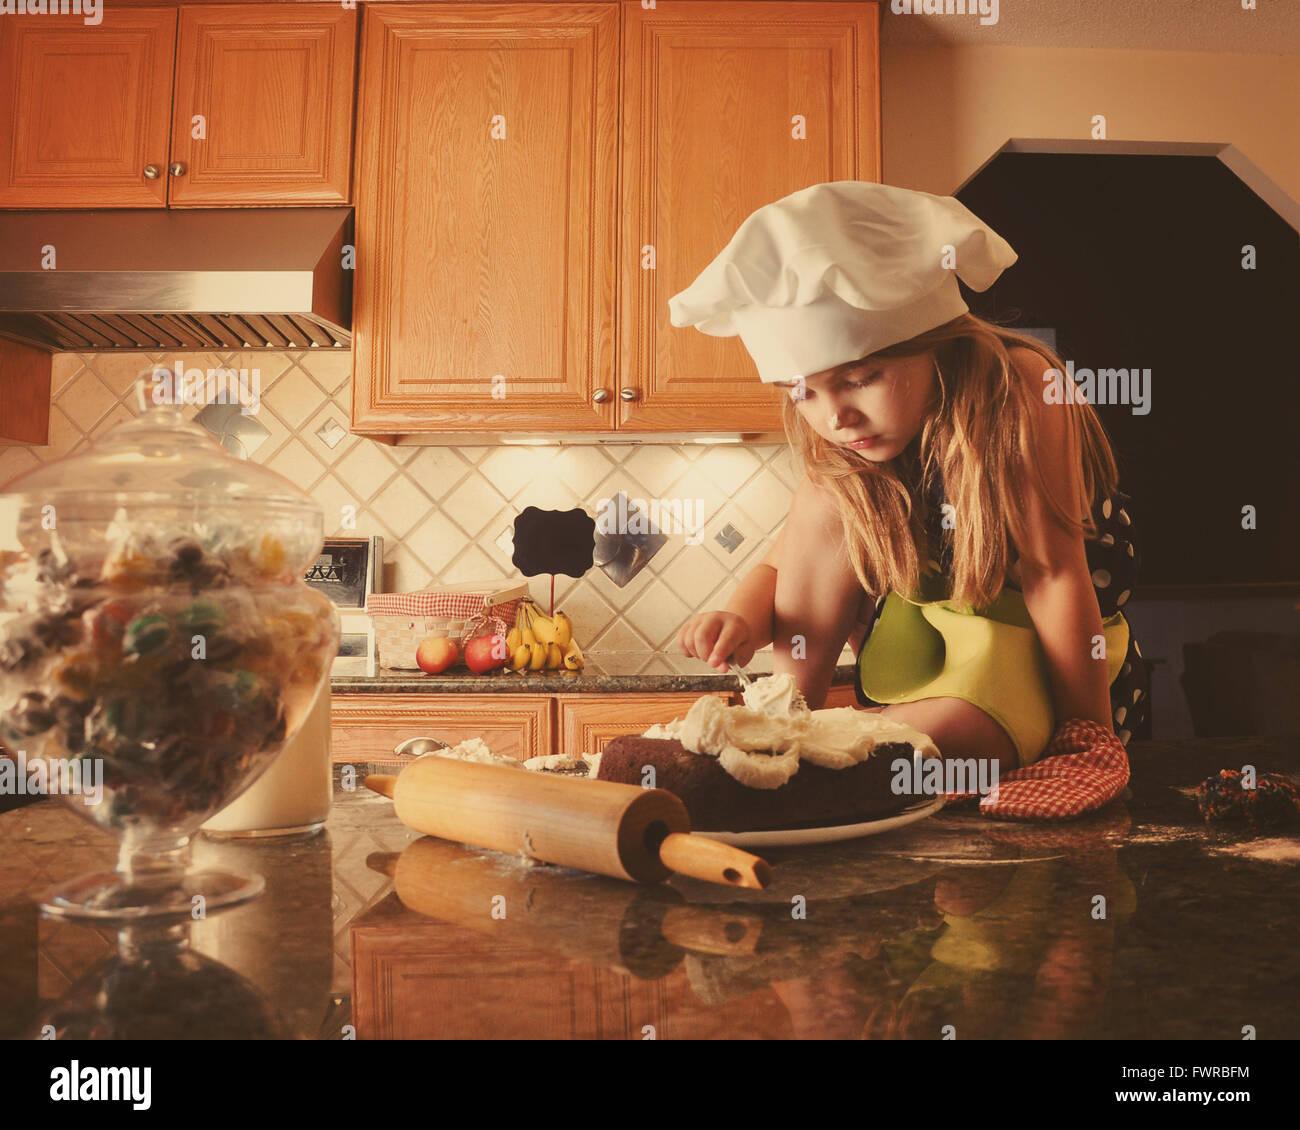 Uma criança está congelando um bolo na cozinha para uma padaria, dieta alimentar ou conceito. A menina Imagens de Stock